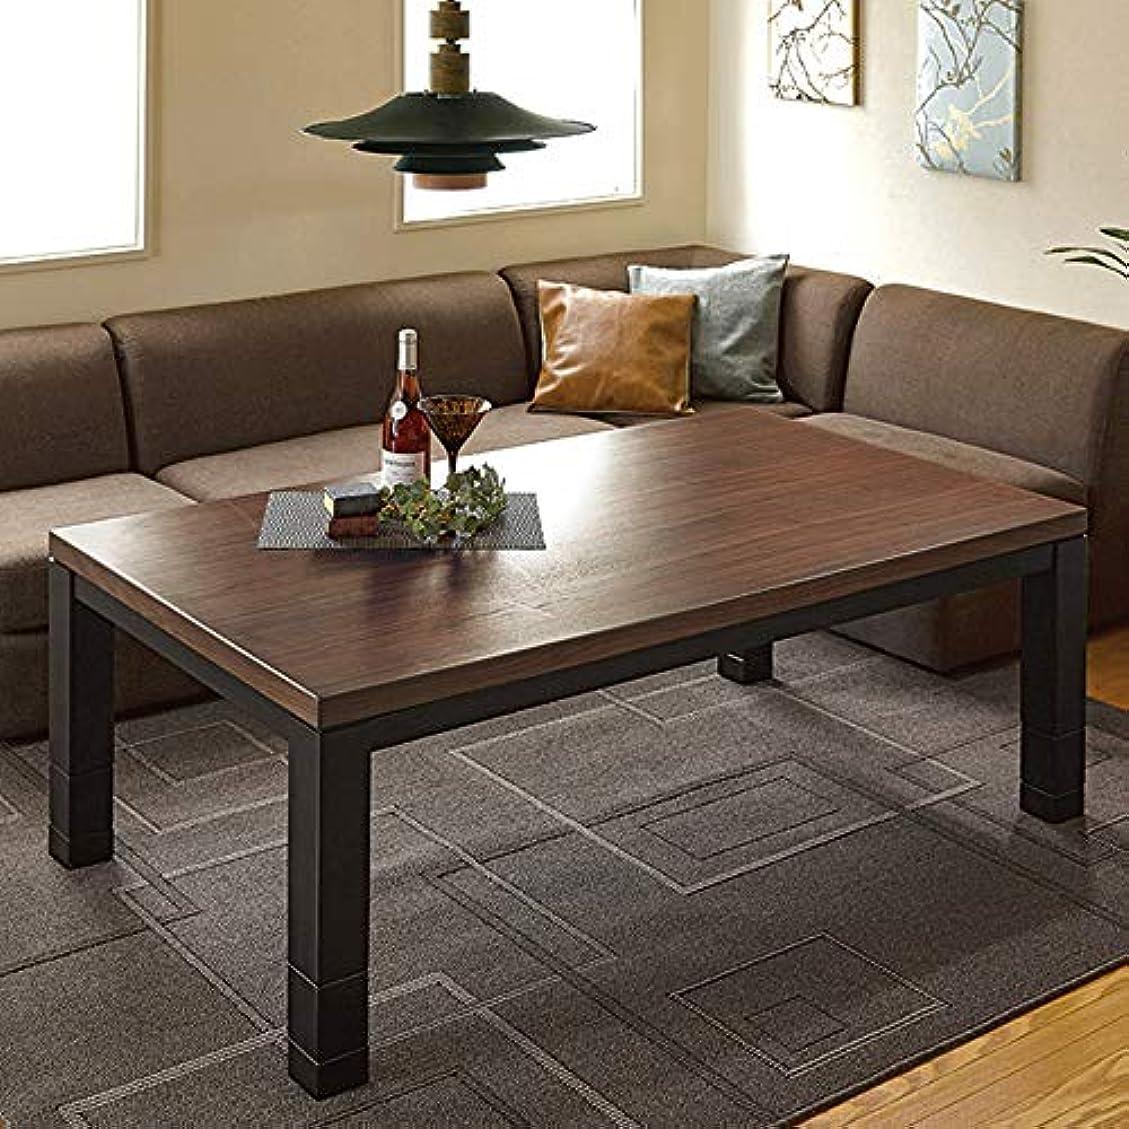 魔法マイルドあいまいこたつテーブル 長方形 150×85cm 継脚付き ウォールナット 木製 ブラウン木目×ブラック